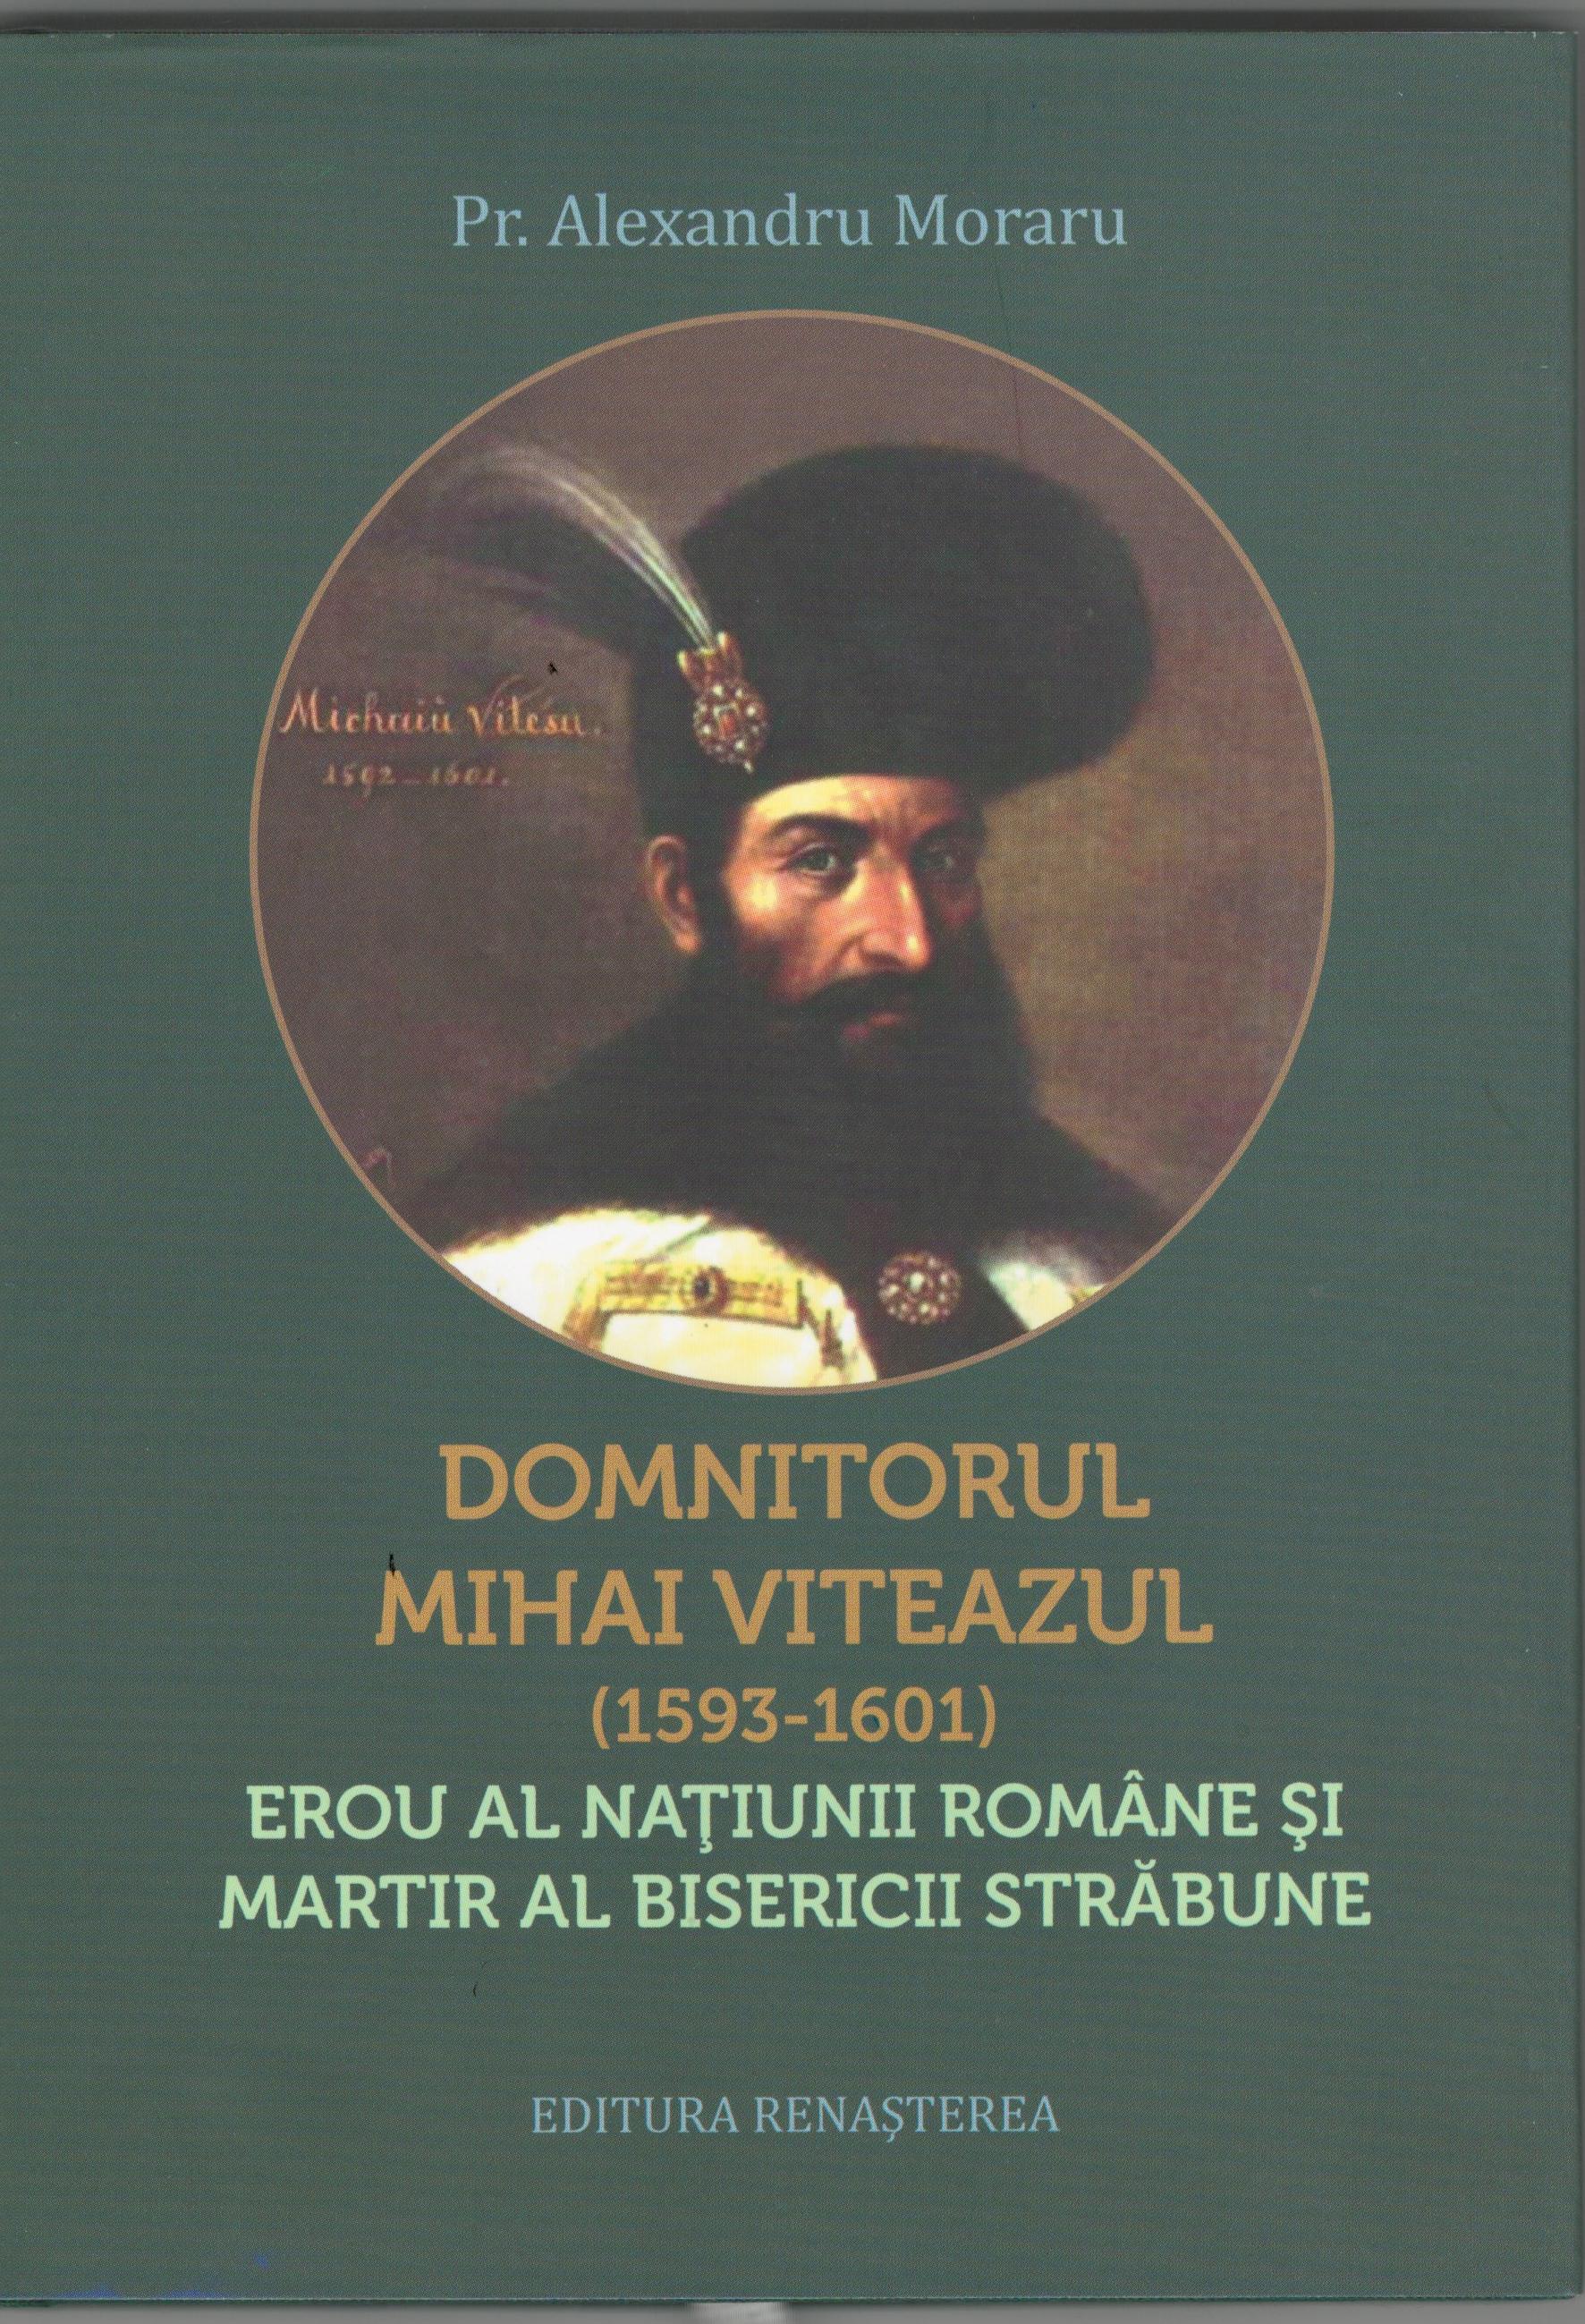 Domnitorul Mihai Viteazul (1593-1601) erou al naţiunii române şi martir al Bisericii străbune